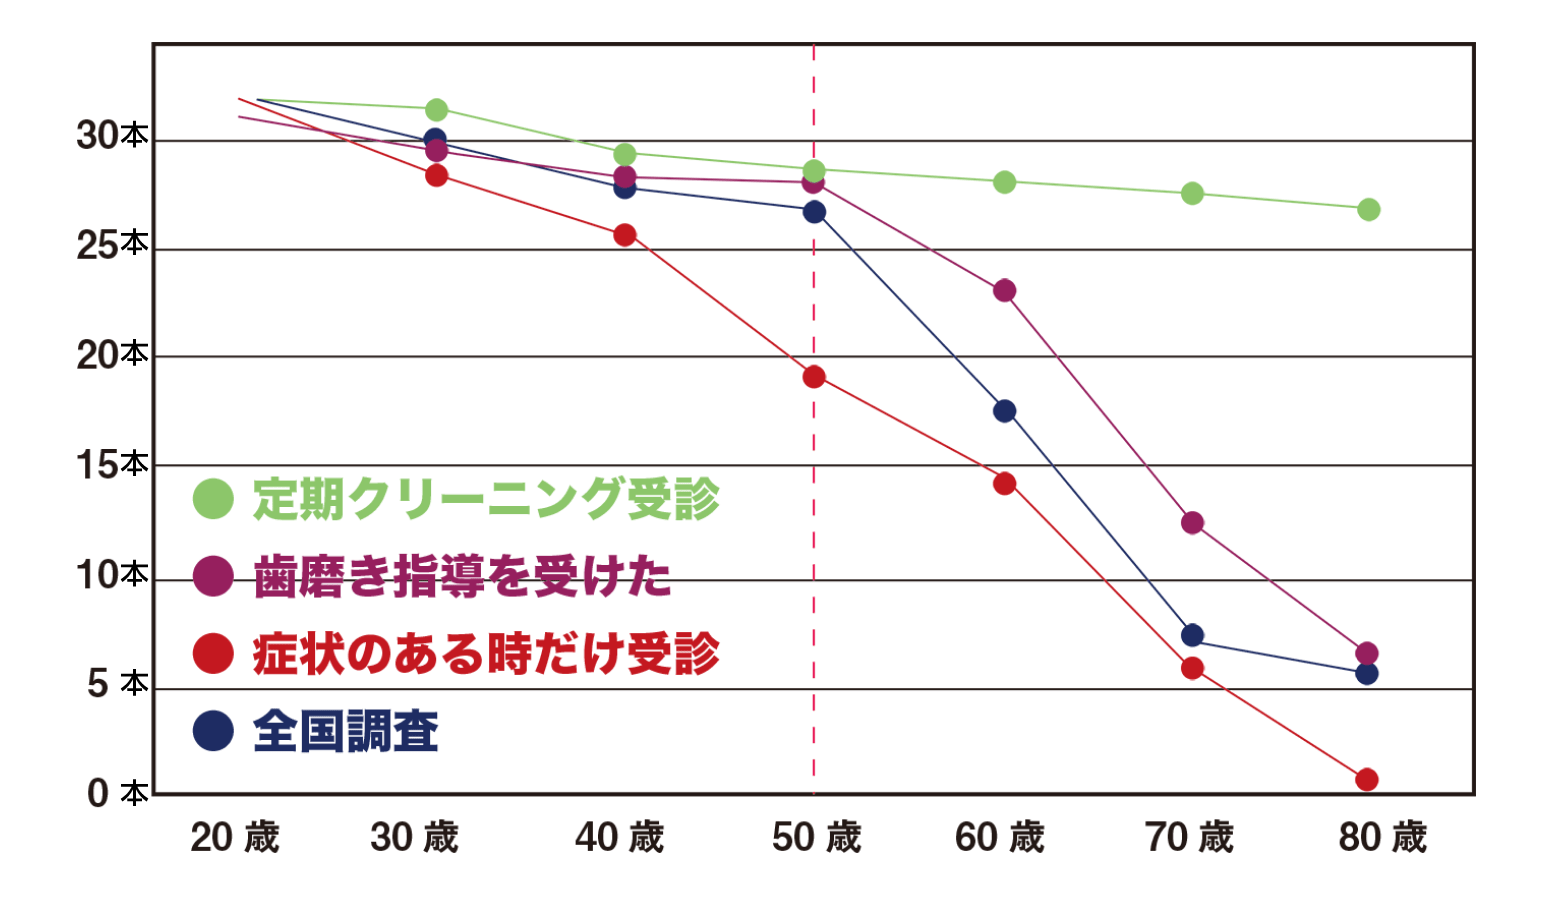 長崎大学新庄教授のデータより